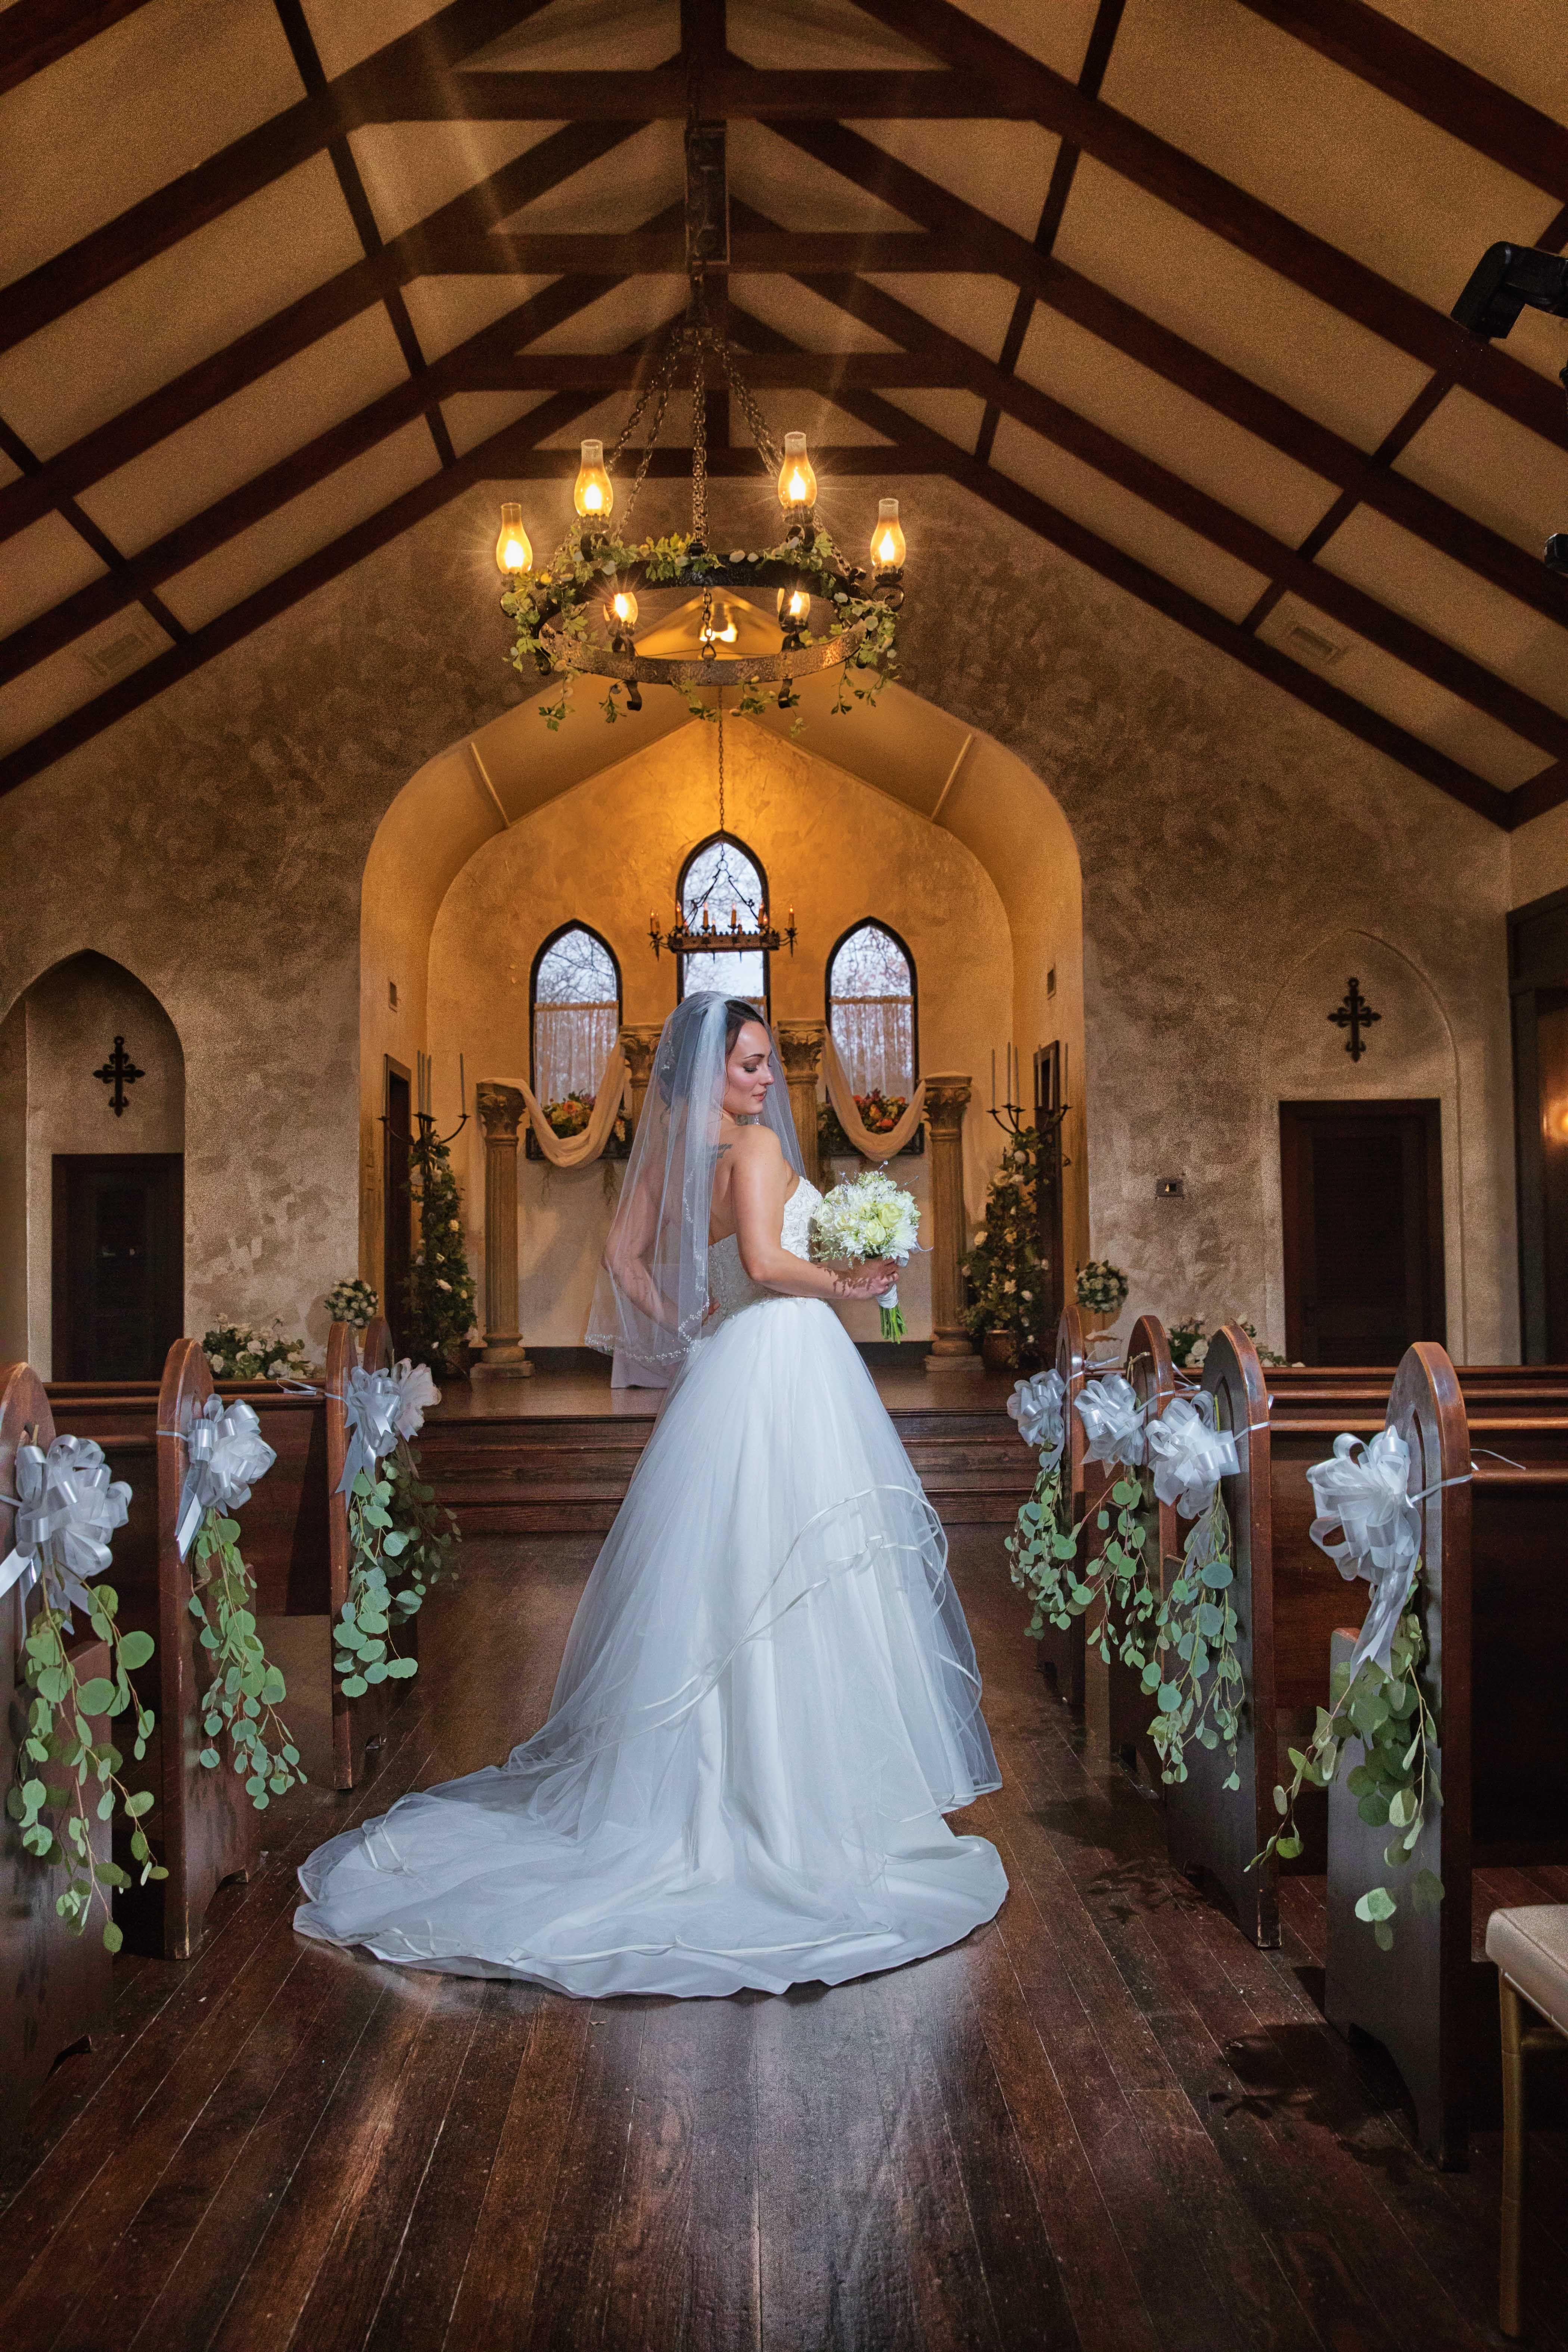 Spinelli's Wedding Venue